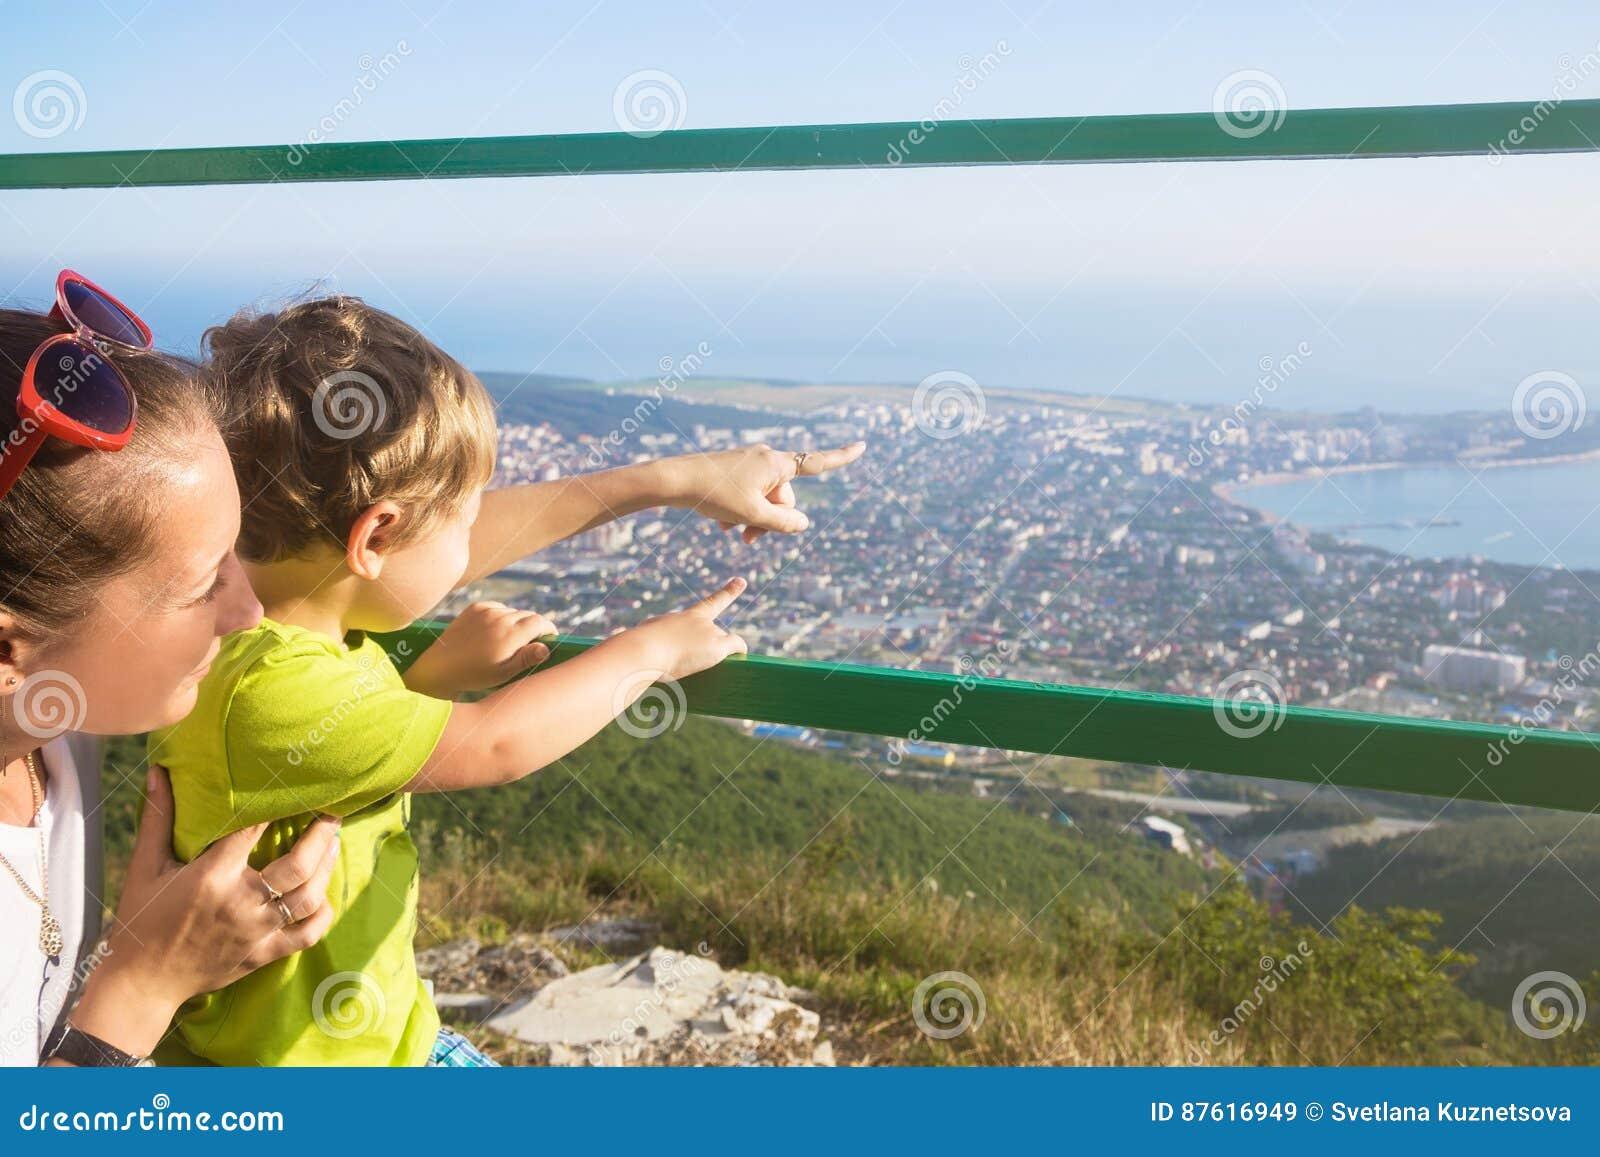 Сын смотрит как мам фото 121-536